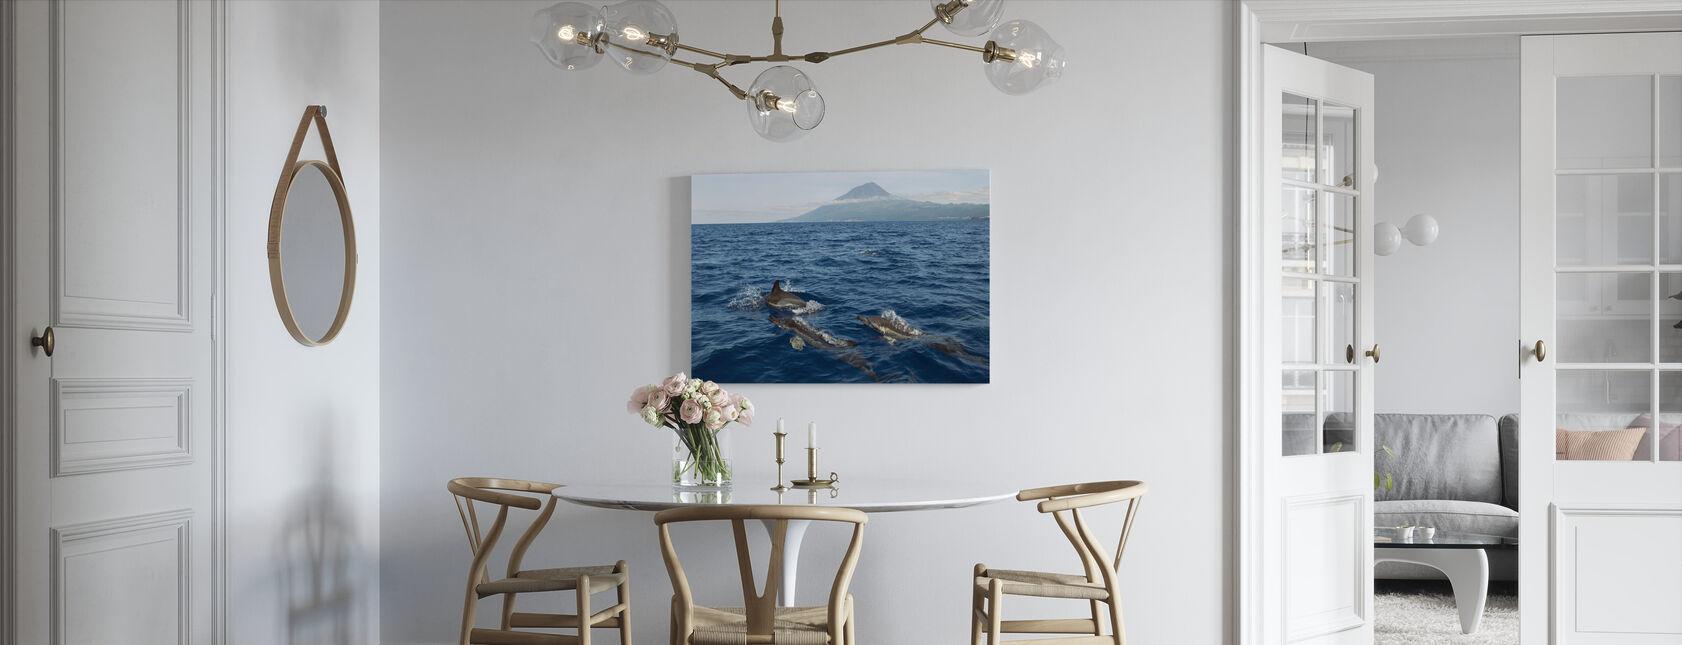 Delfiny na Azorach - Obraz na płótnie - Kuchnia